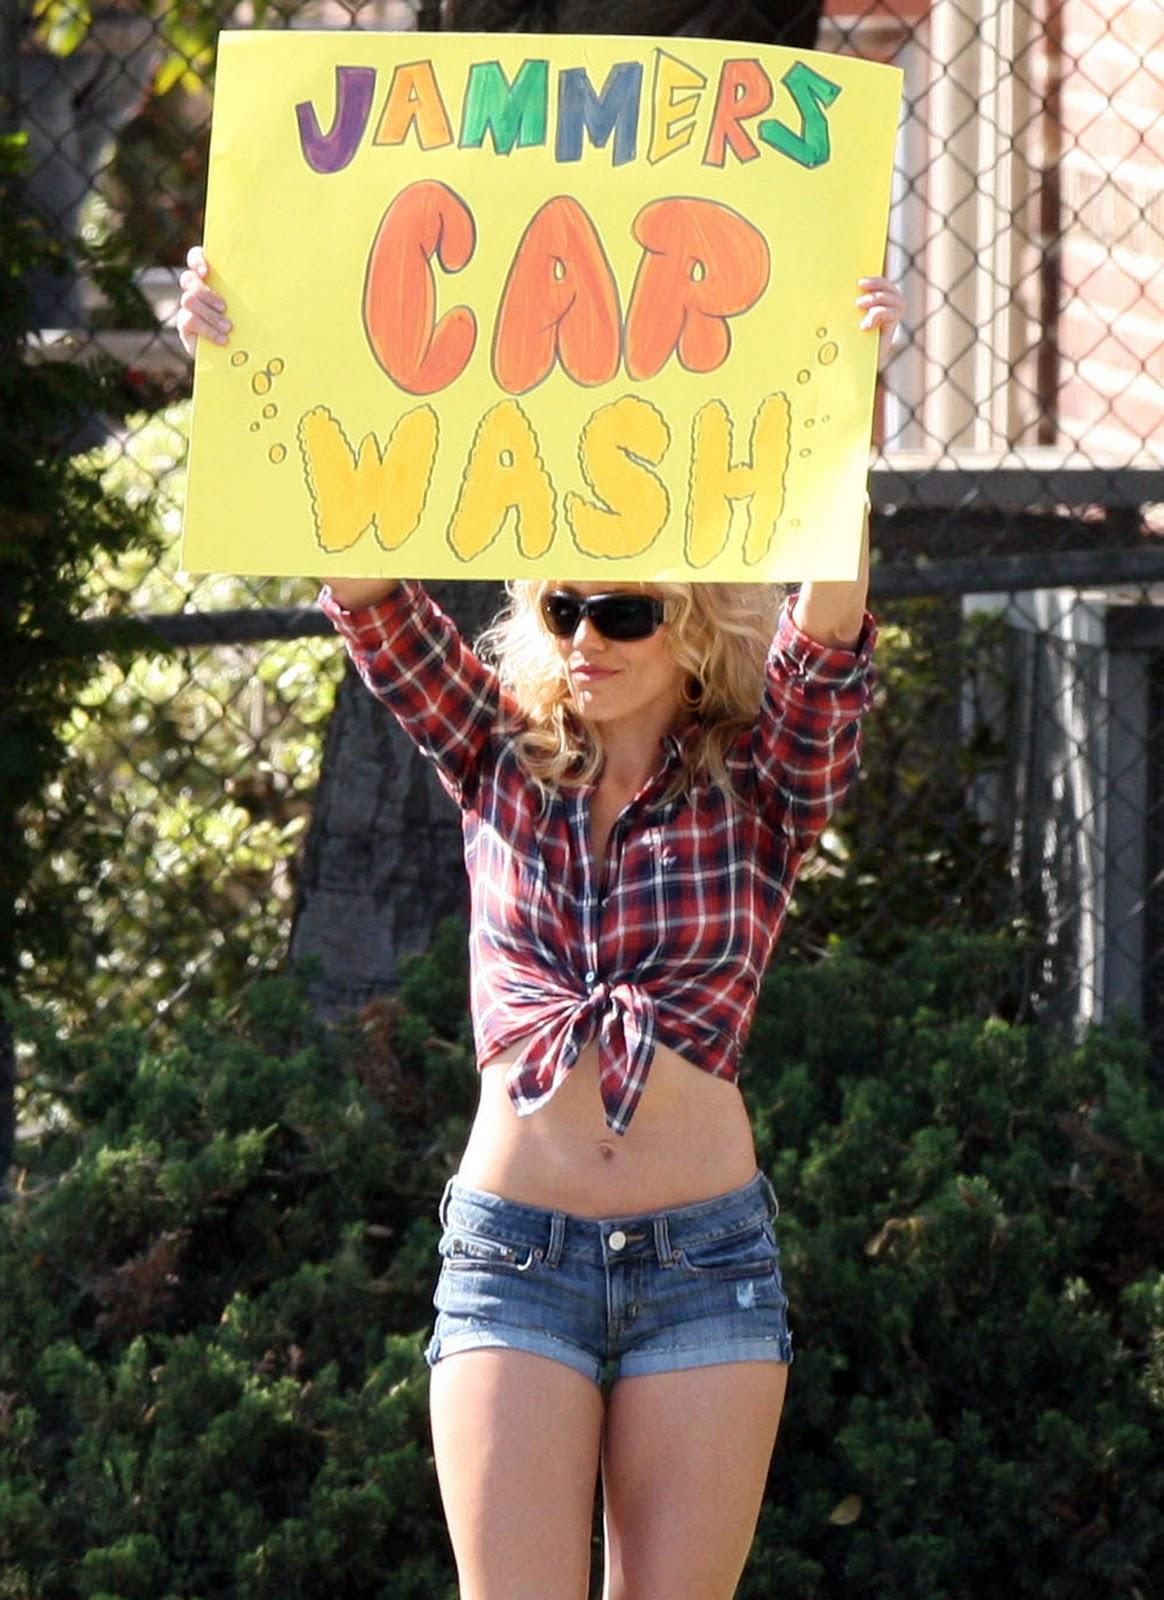 http://2.bp.blogspot.com/-y_ezBJoGwrw/TWXZ8N68w3I/AAAAAAAAArI/QxRimIeFjb4/s1600/Cameron-Diaz-Bikini-Bad-Teacher.jpg